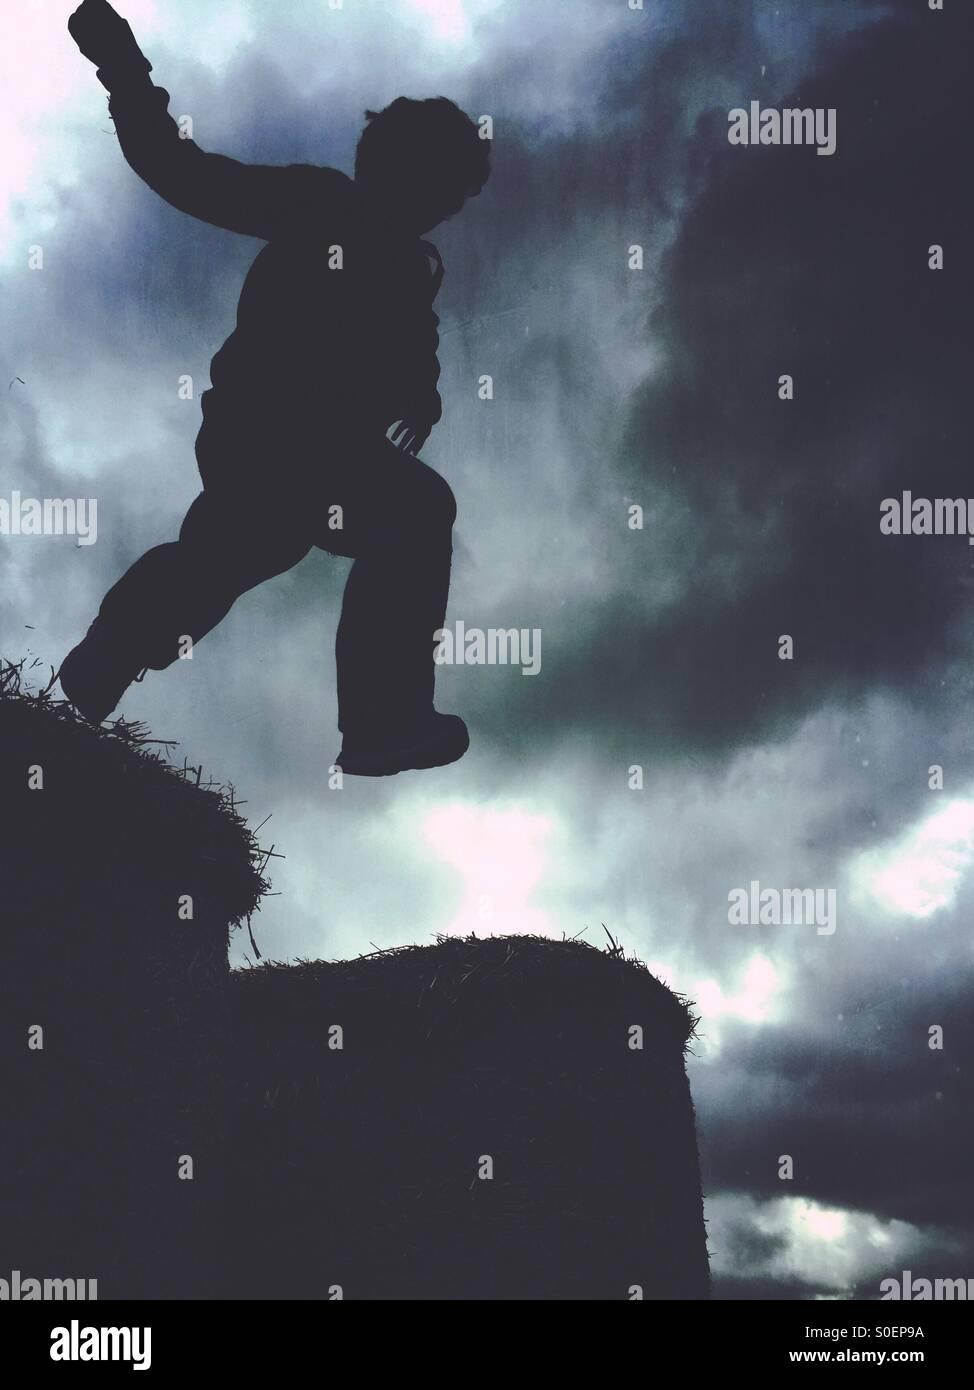 Silhouette d'un garçon sautant Banque D'Images